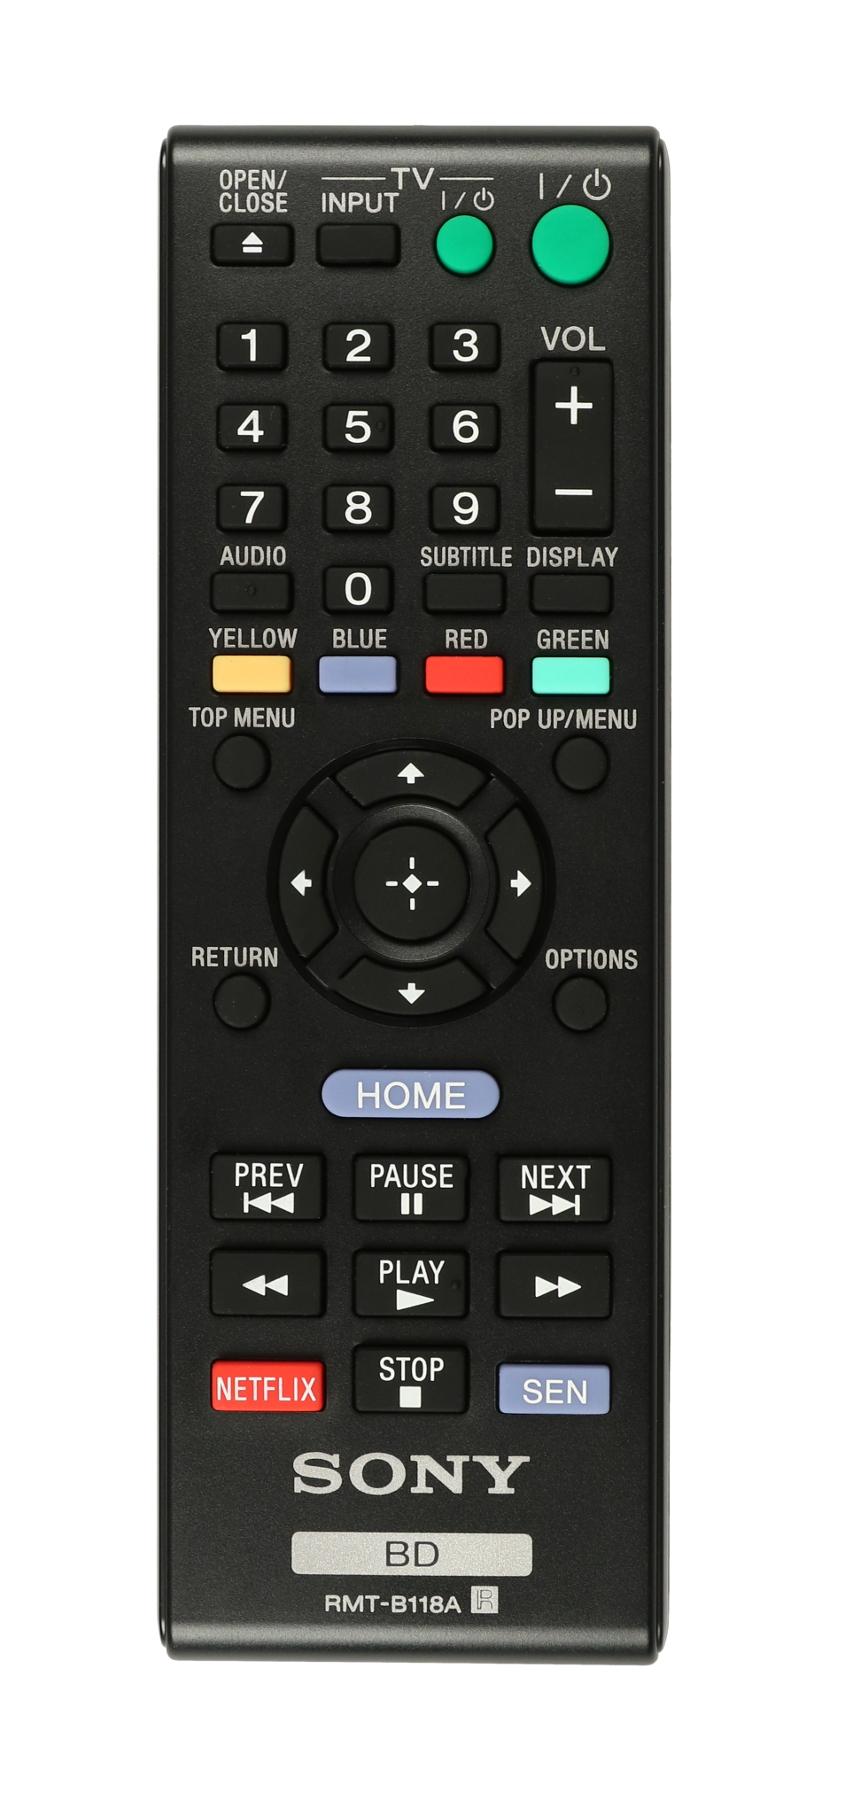 BDP-S185 Remote